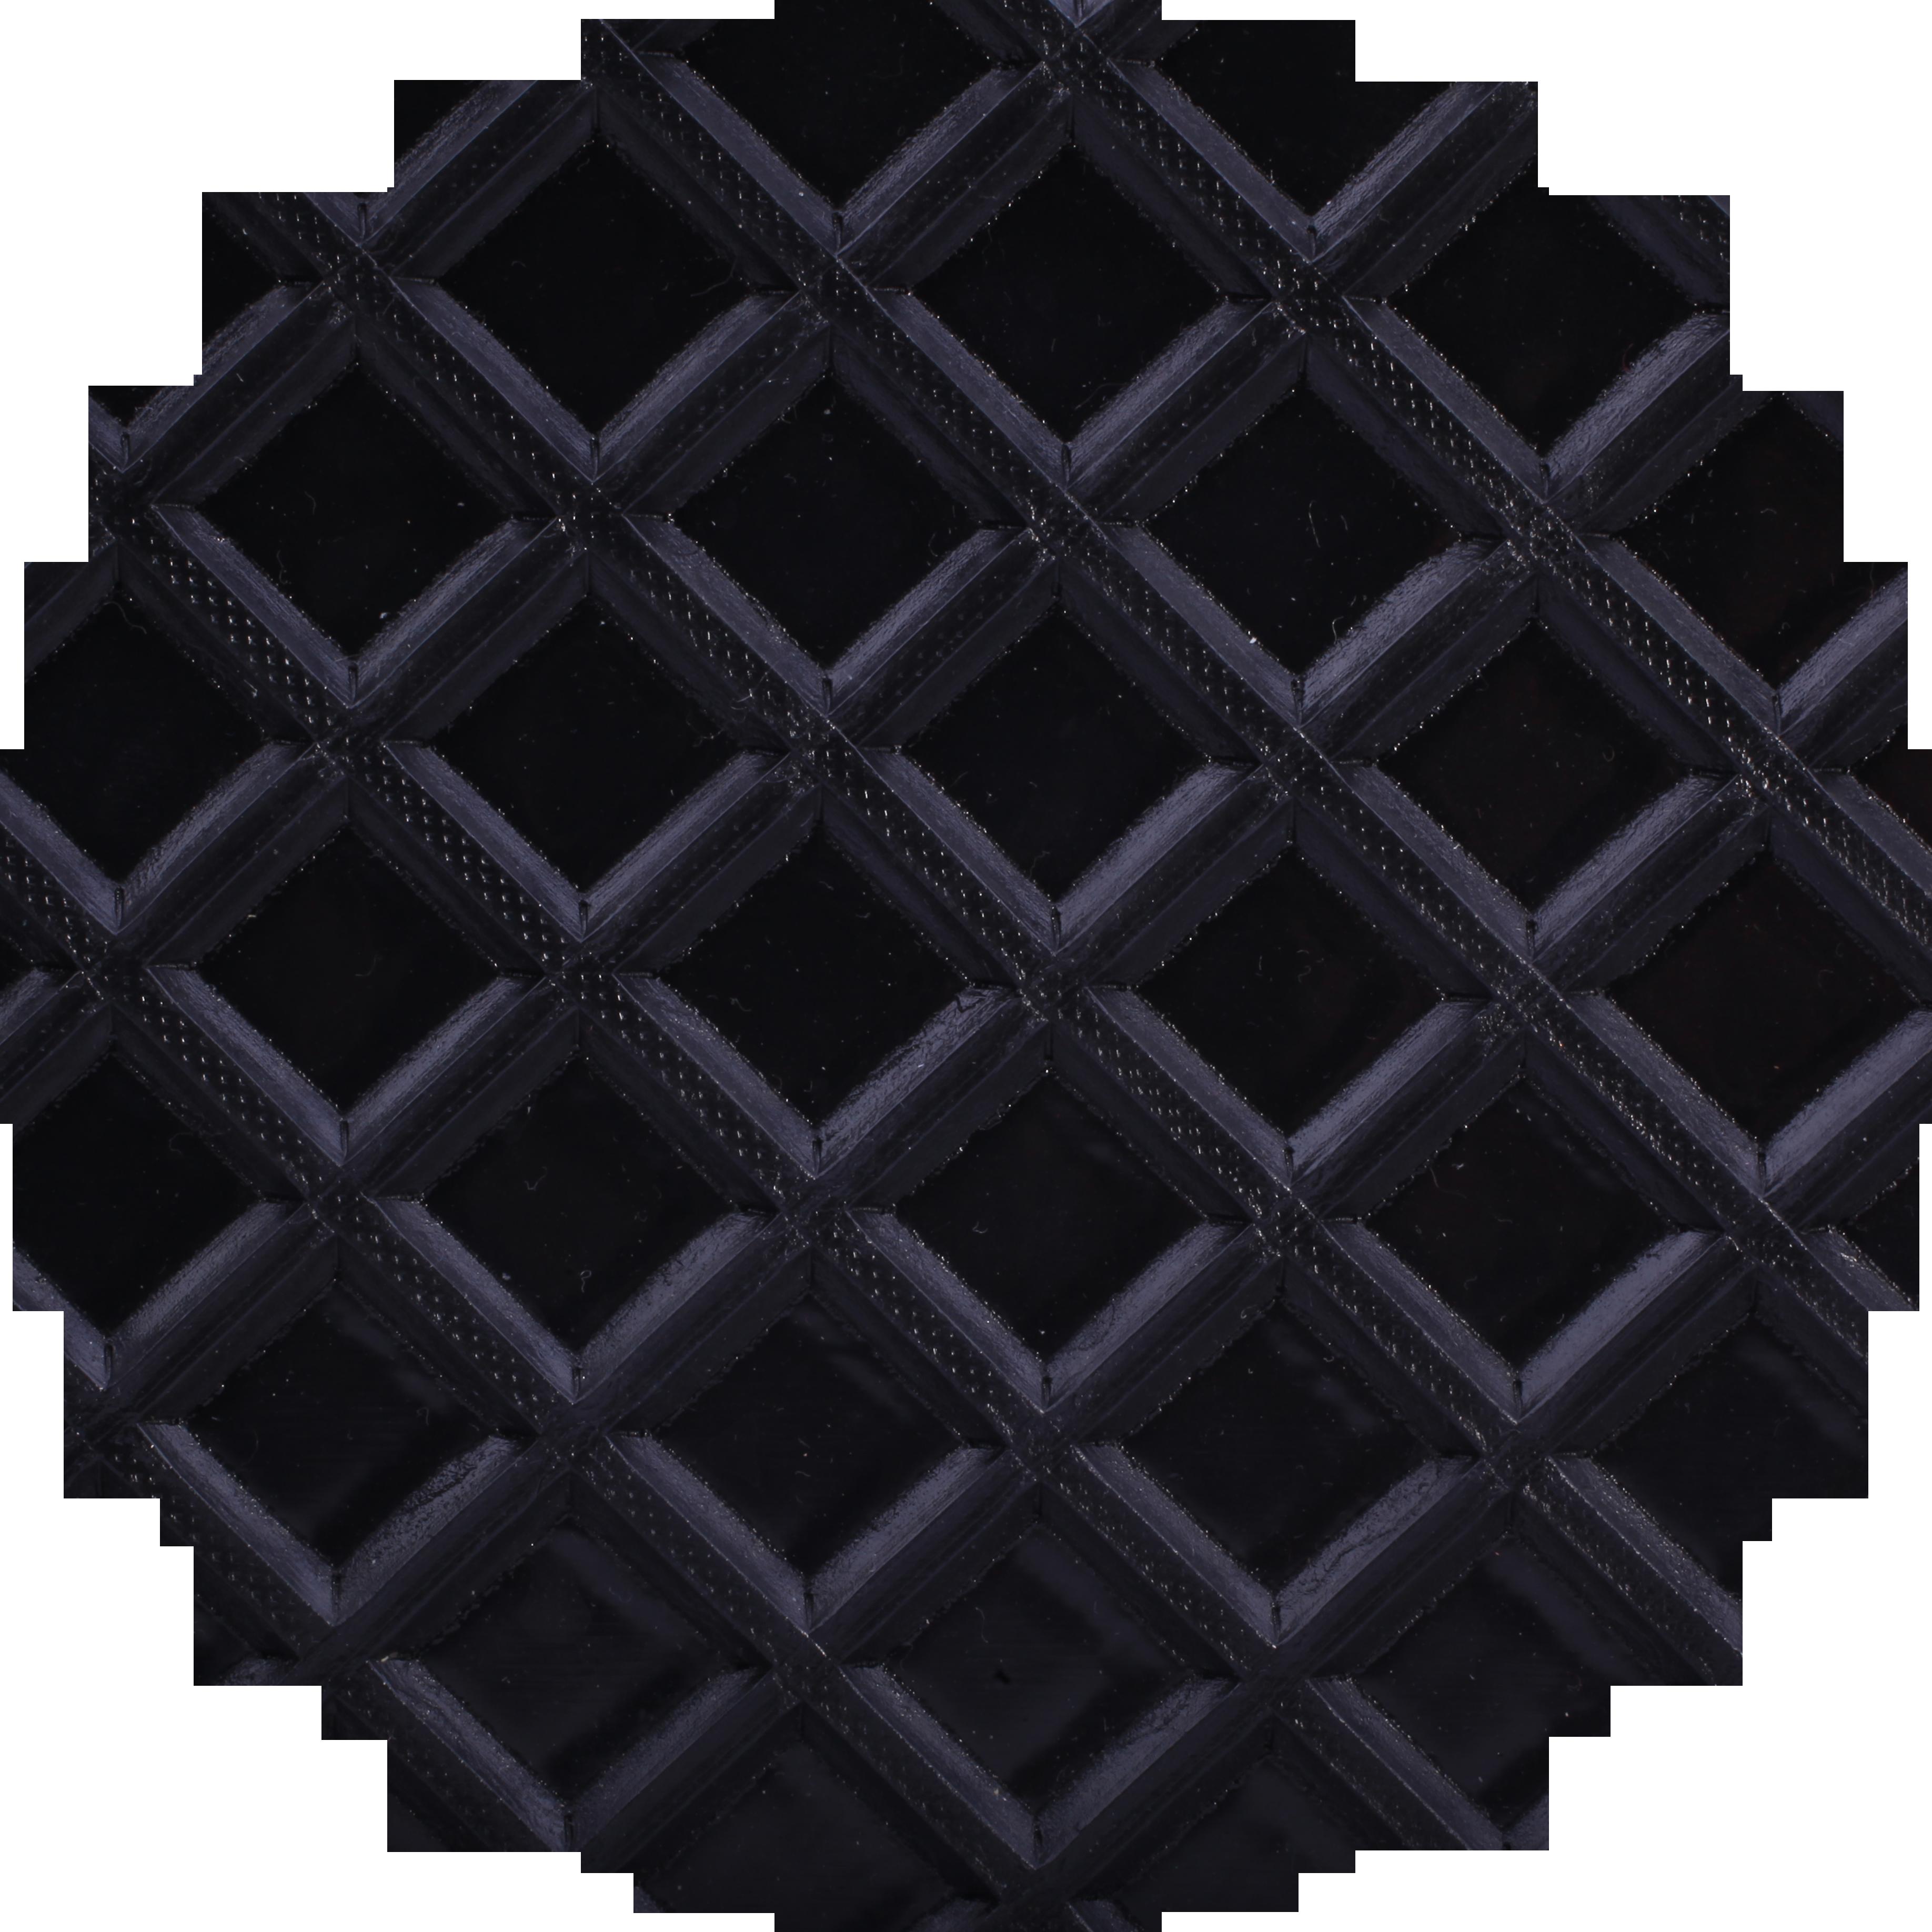 S19 Profile